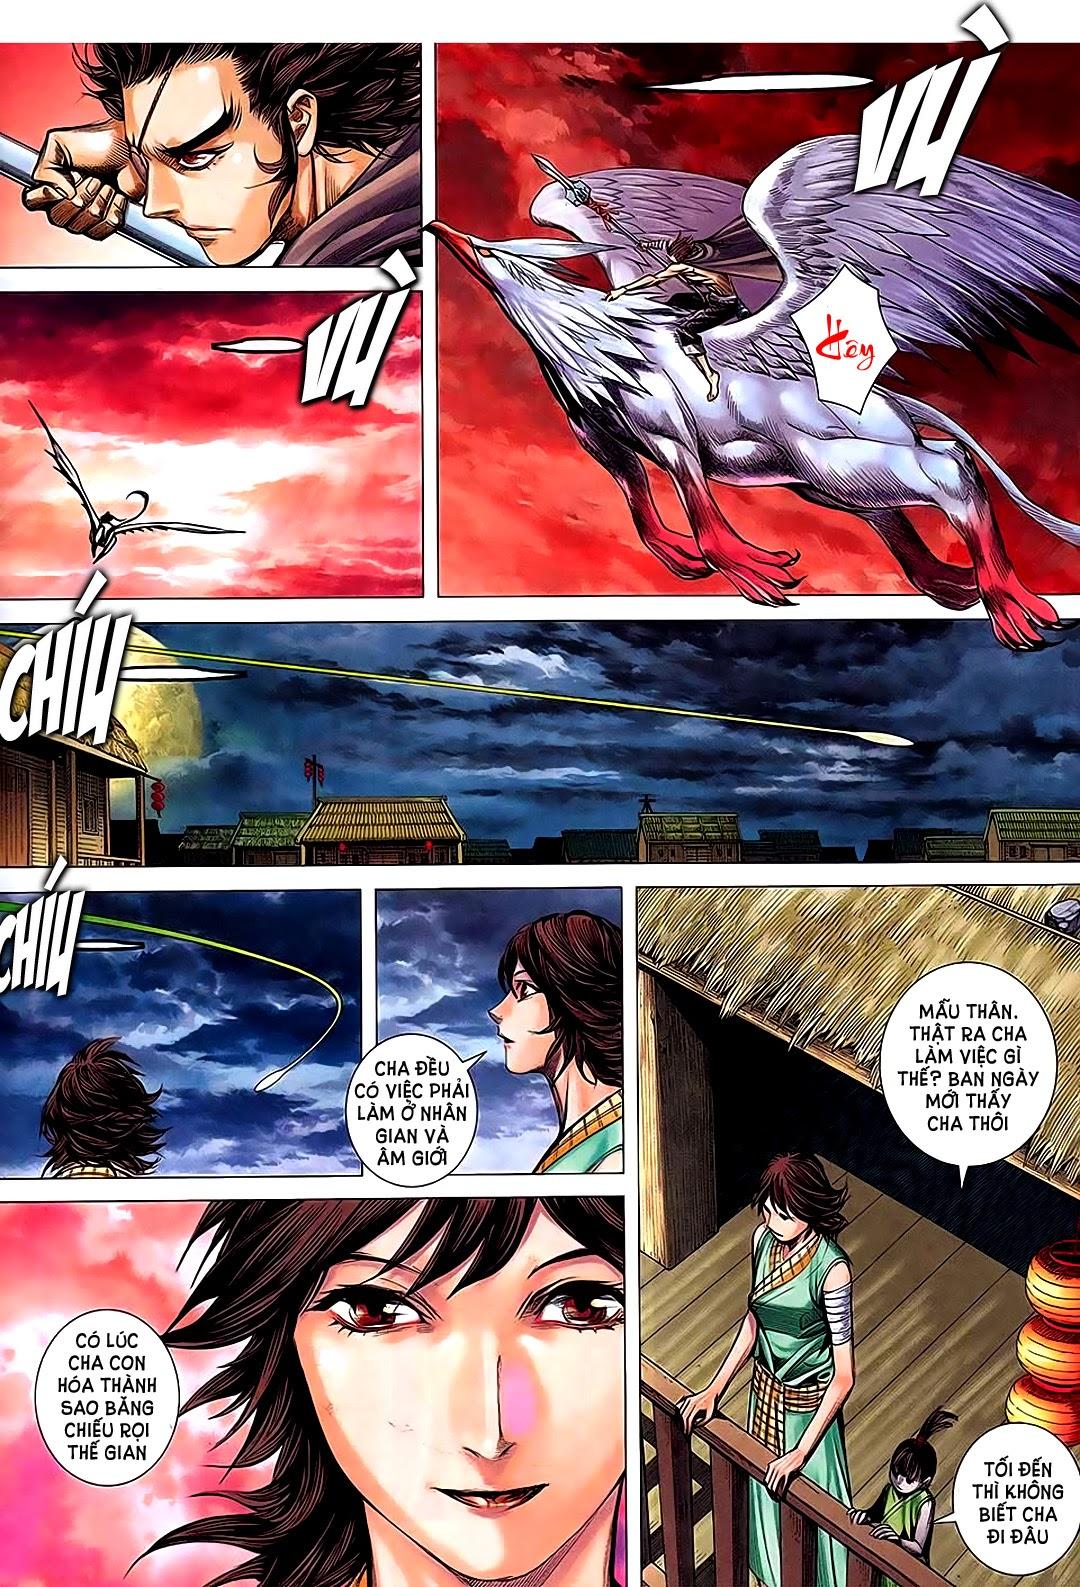 Phong Thần Ký chap 182 – End Trang 32 - Mangak.info